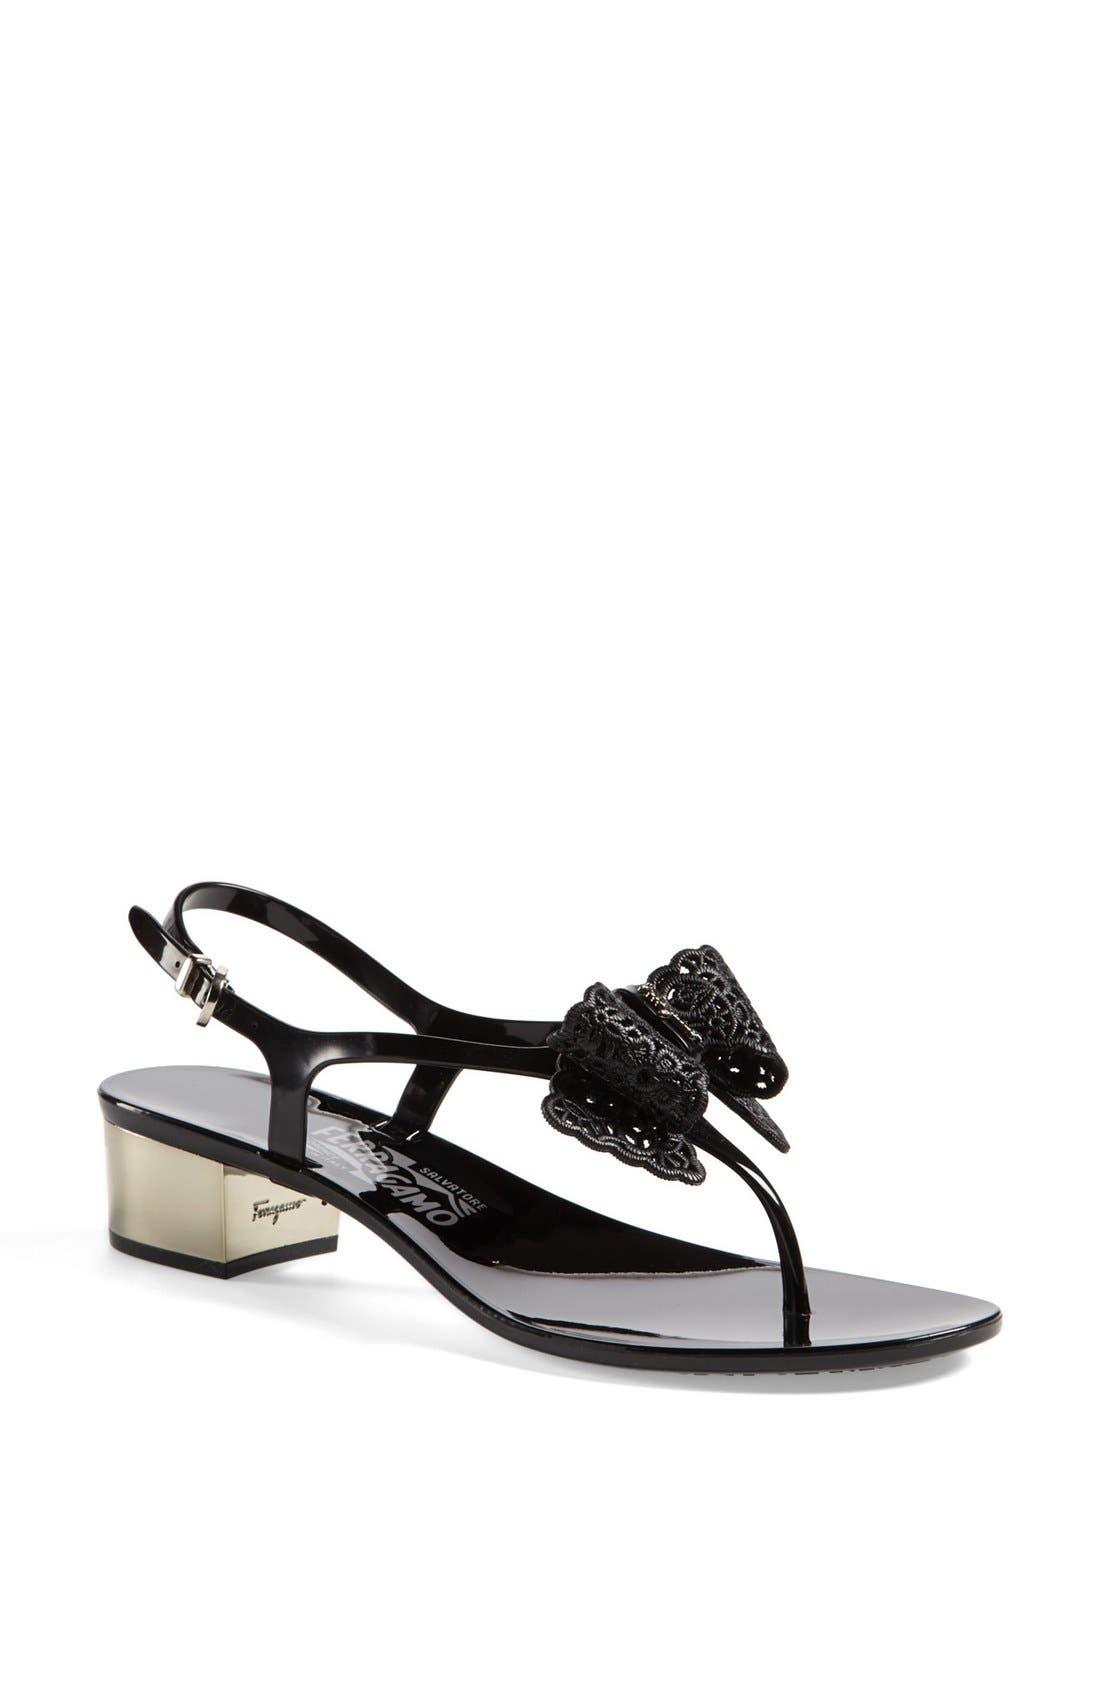 Alternate Image 1 Selected - Salvatore Ferragamo 'Perala' Sandal